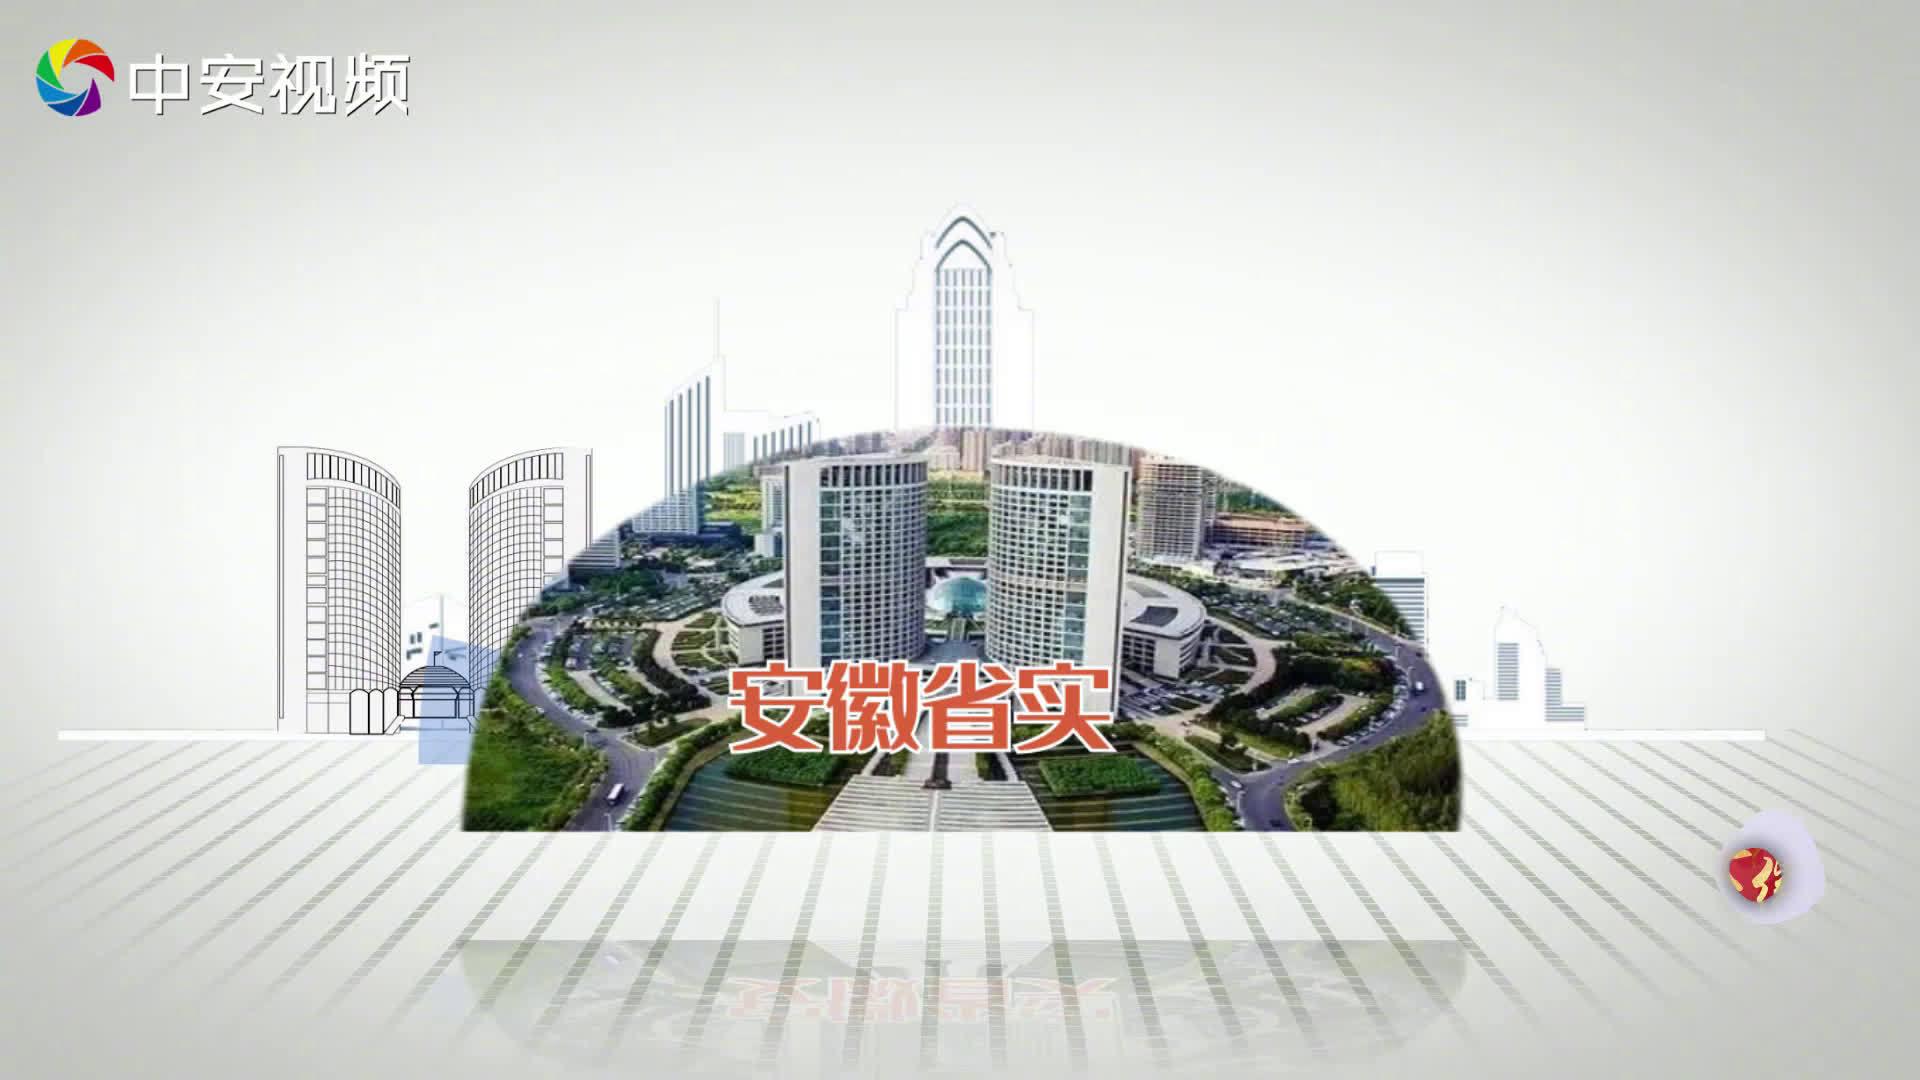 数说安徽这5年:安徽区域创新能力连续9年居第一方阵